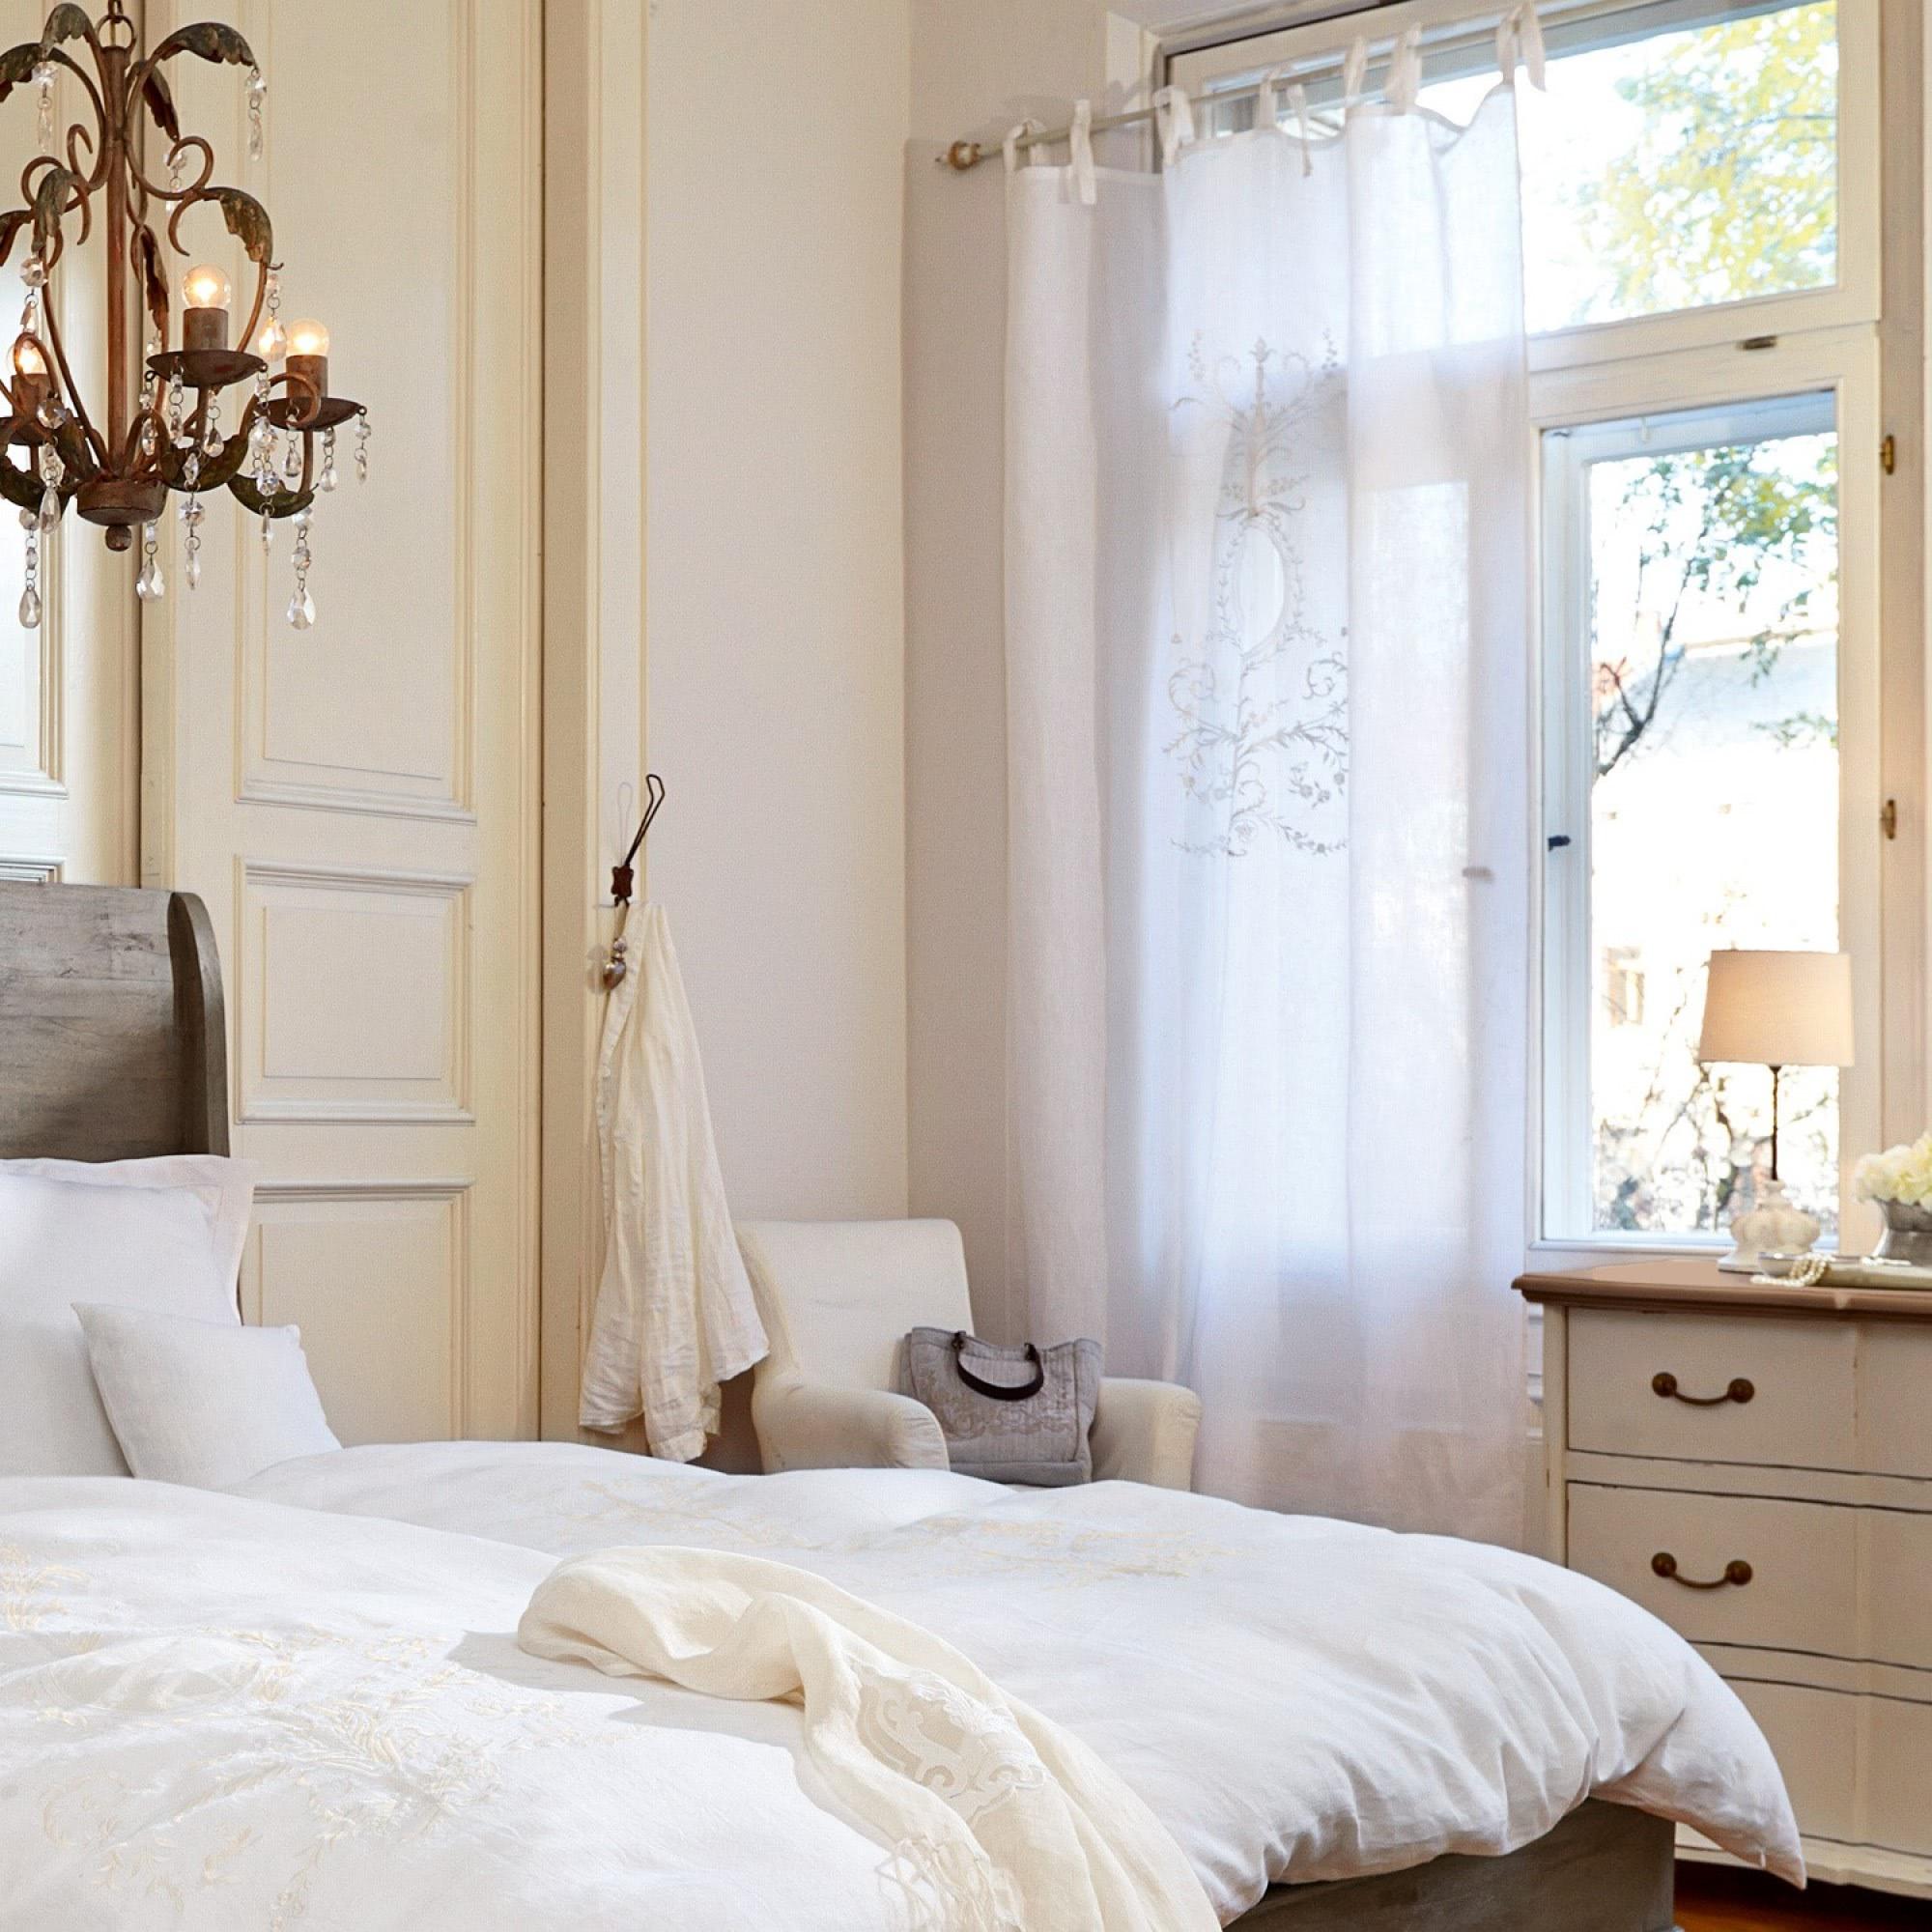 gardine isabelle loberon coming home. Black Bedroom Furniture Sets. Home Design Ideas